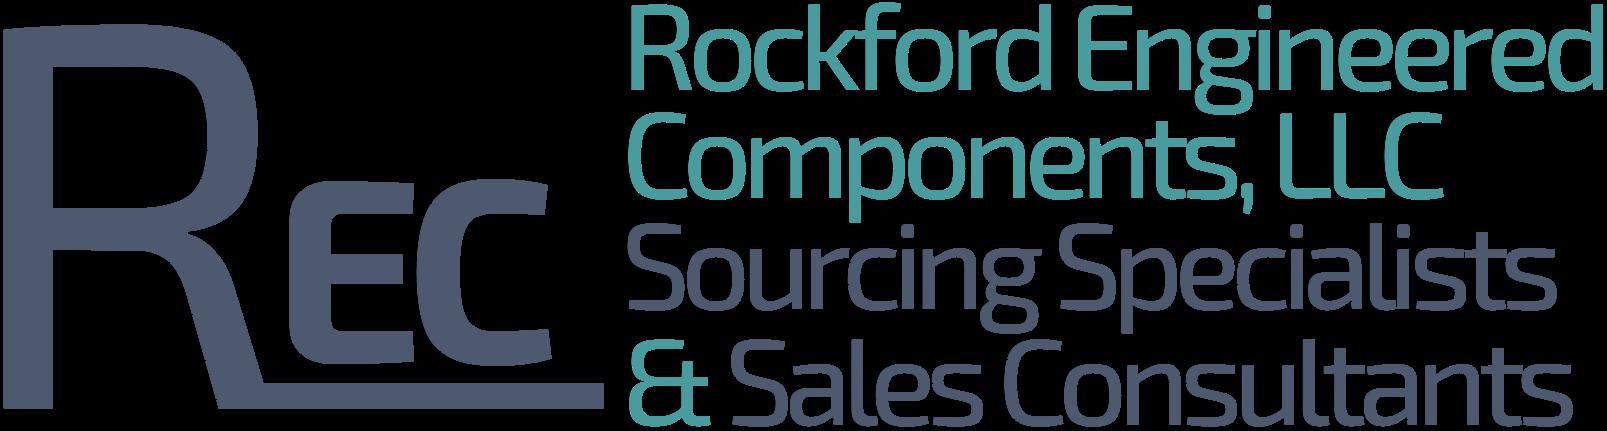 Rockford Engineered Components, LLC